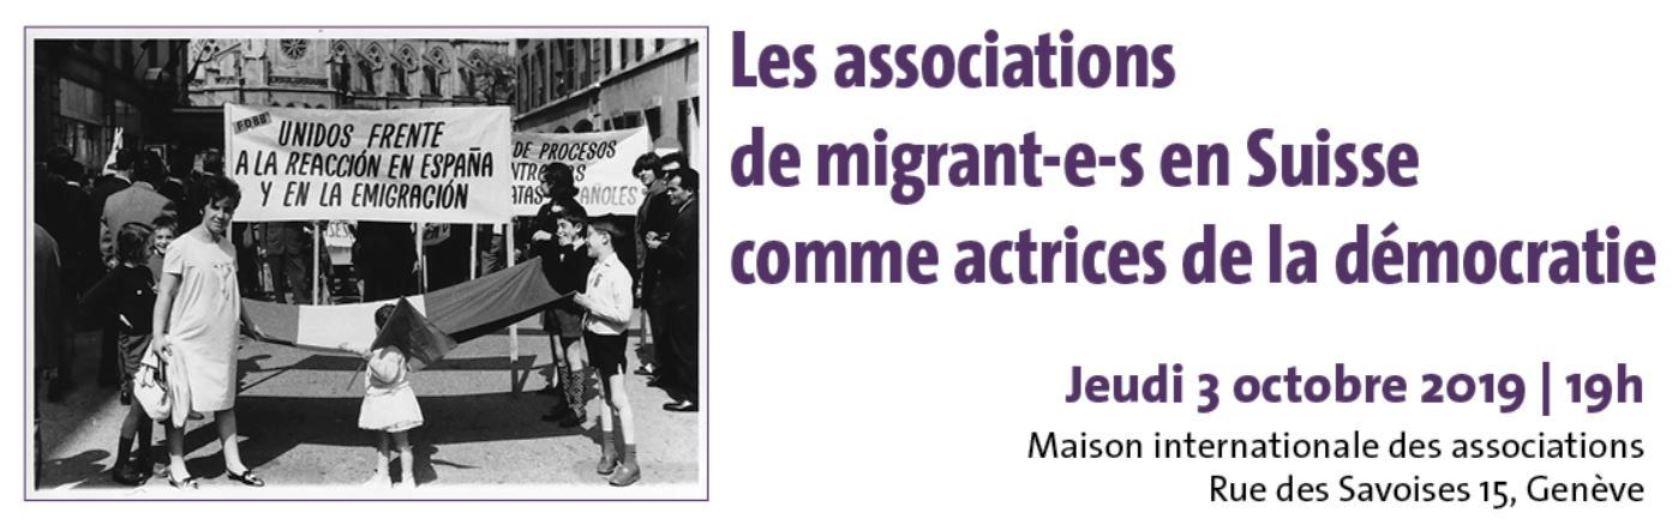 23. Les associations de migrant-e-s en Suisse comme actrices de la démocratie